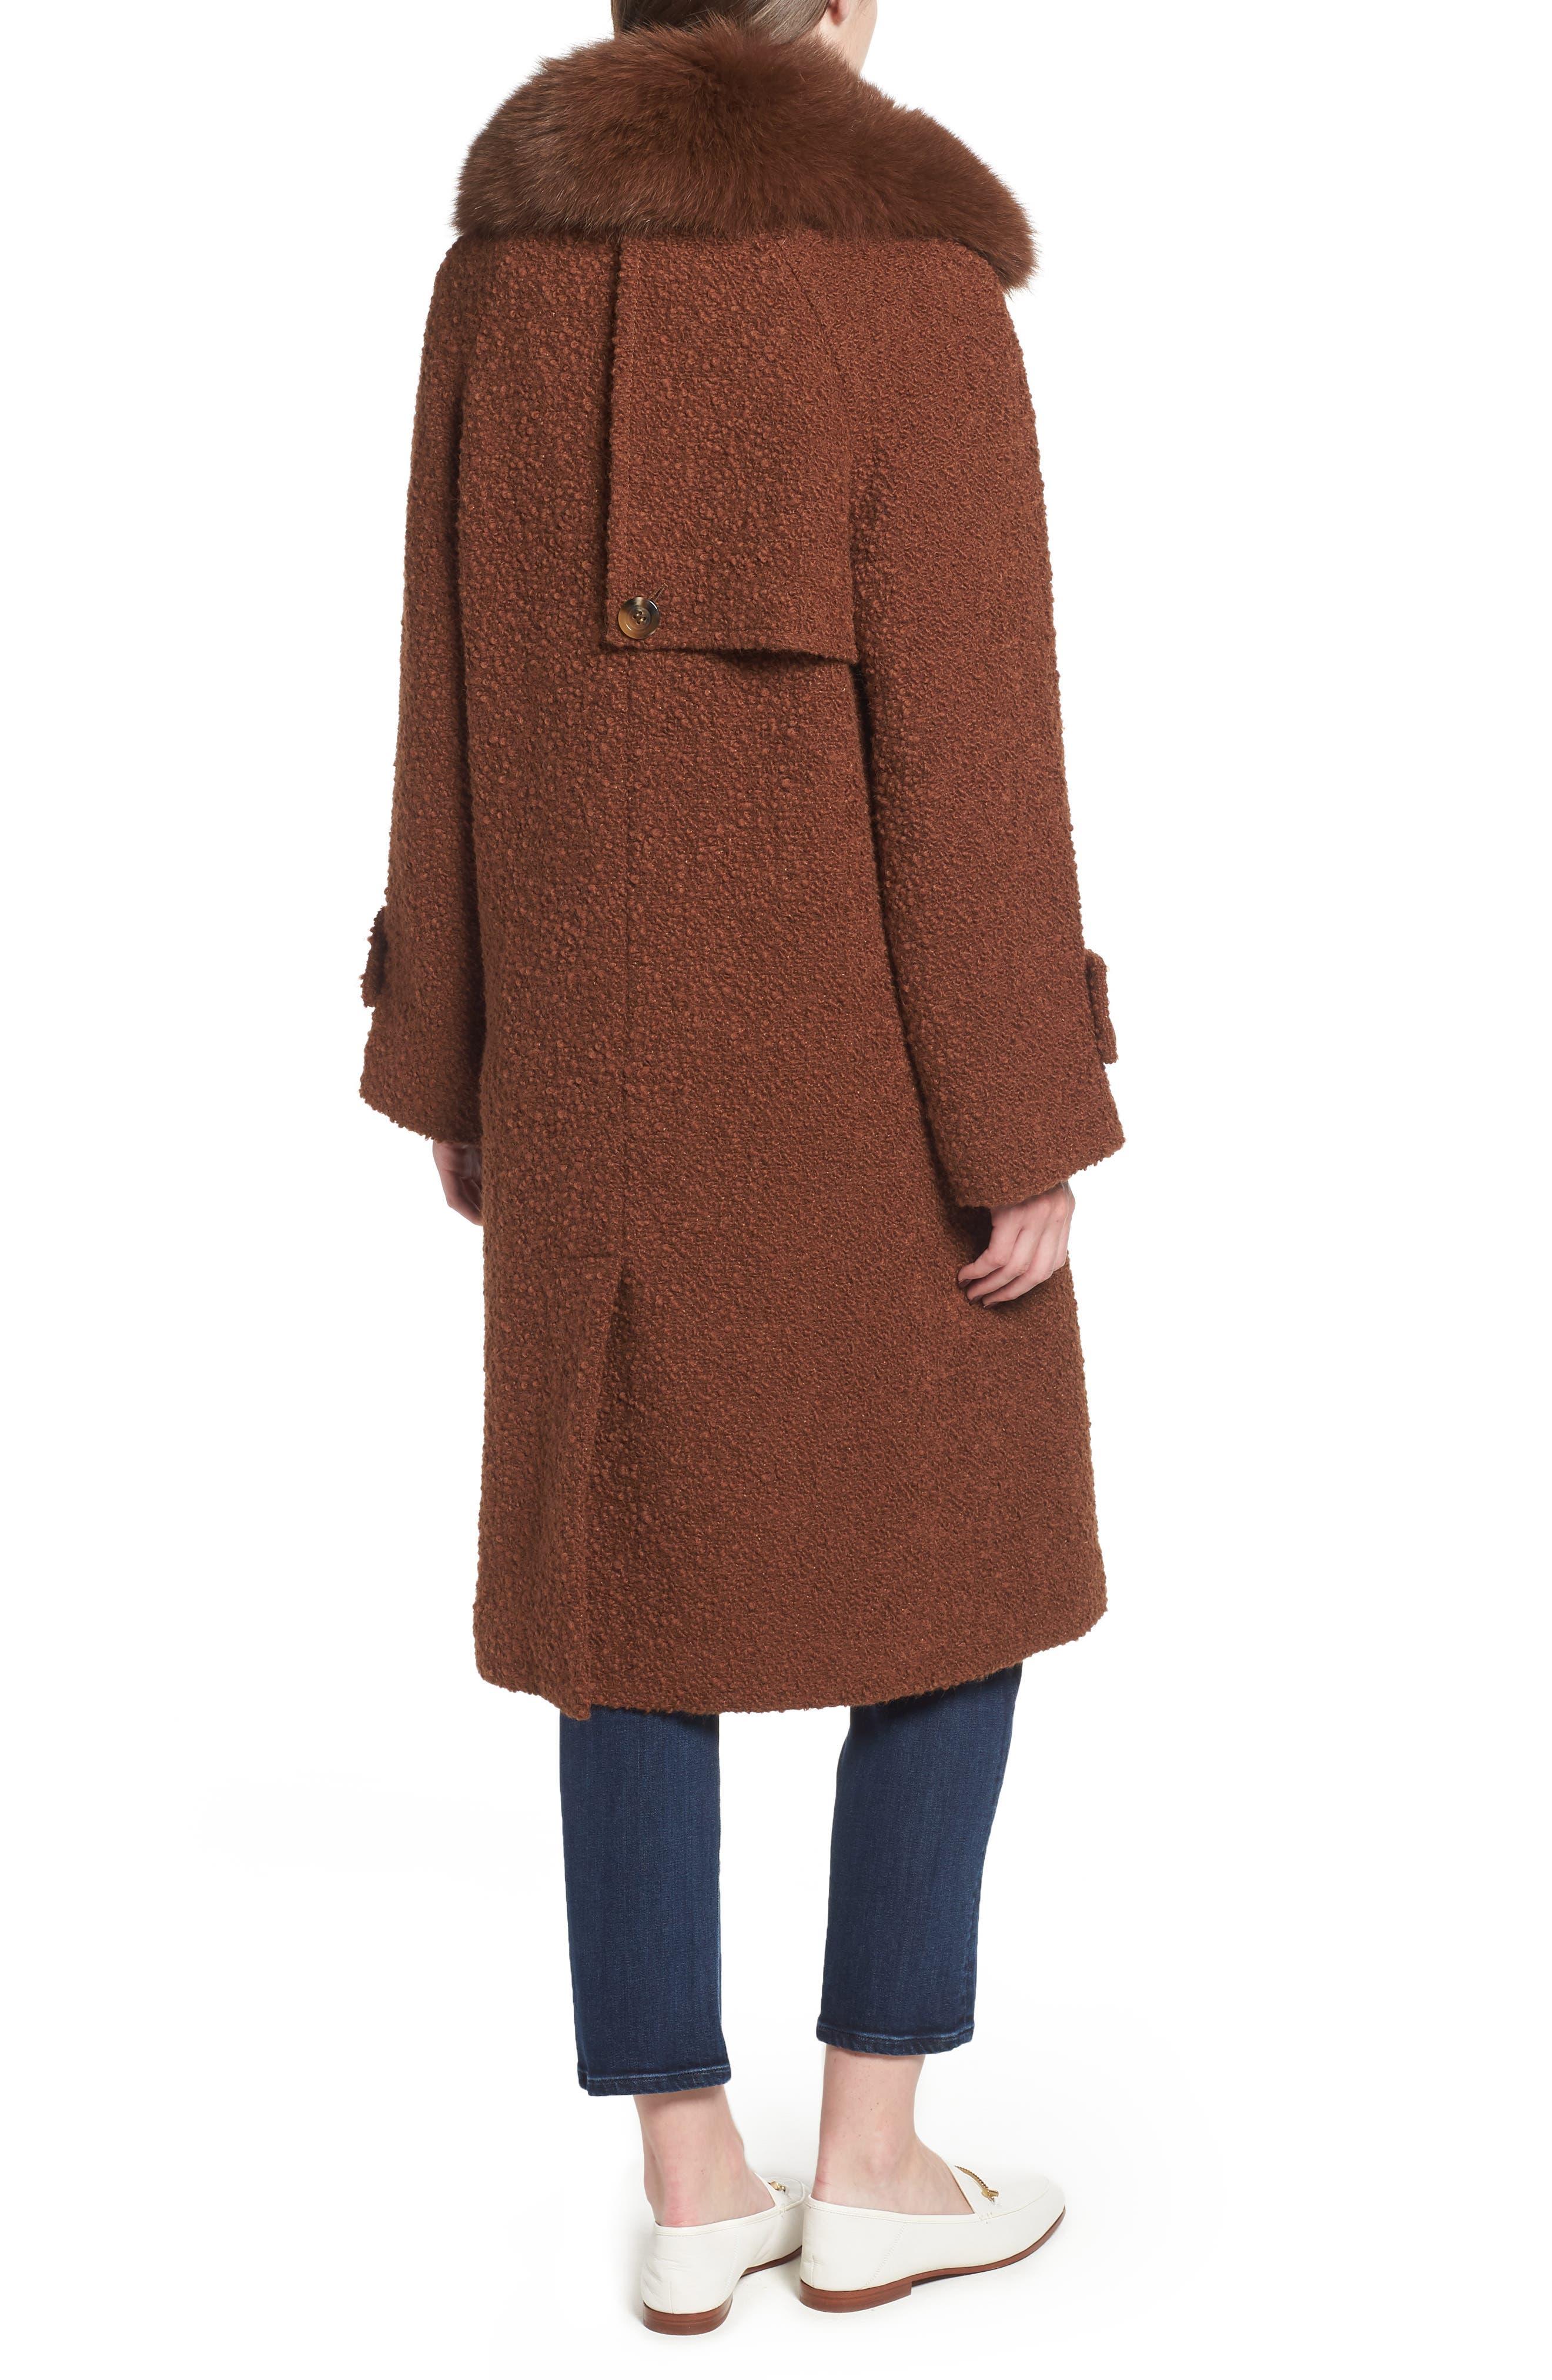 London Genuine Fox Fur Trim Long Coat,                             Alternate thumbnail 2, color,                             250